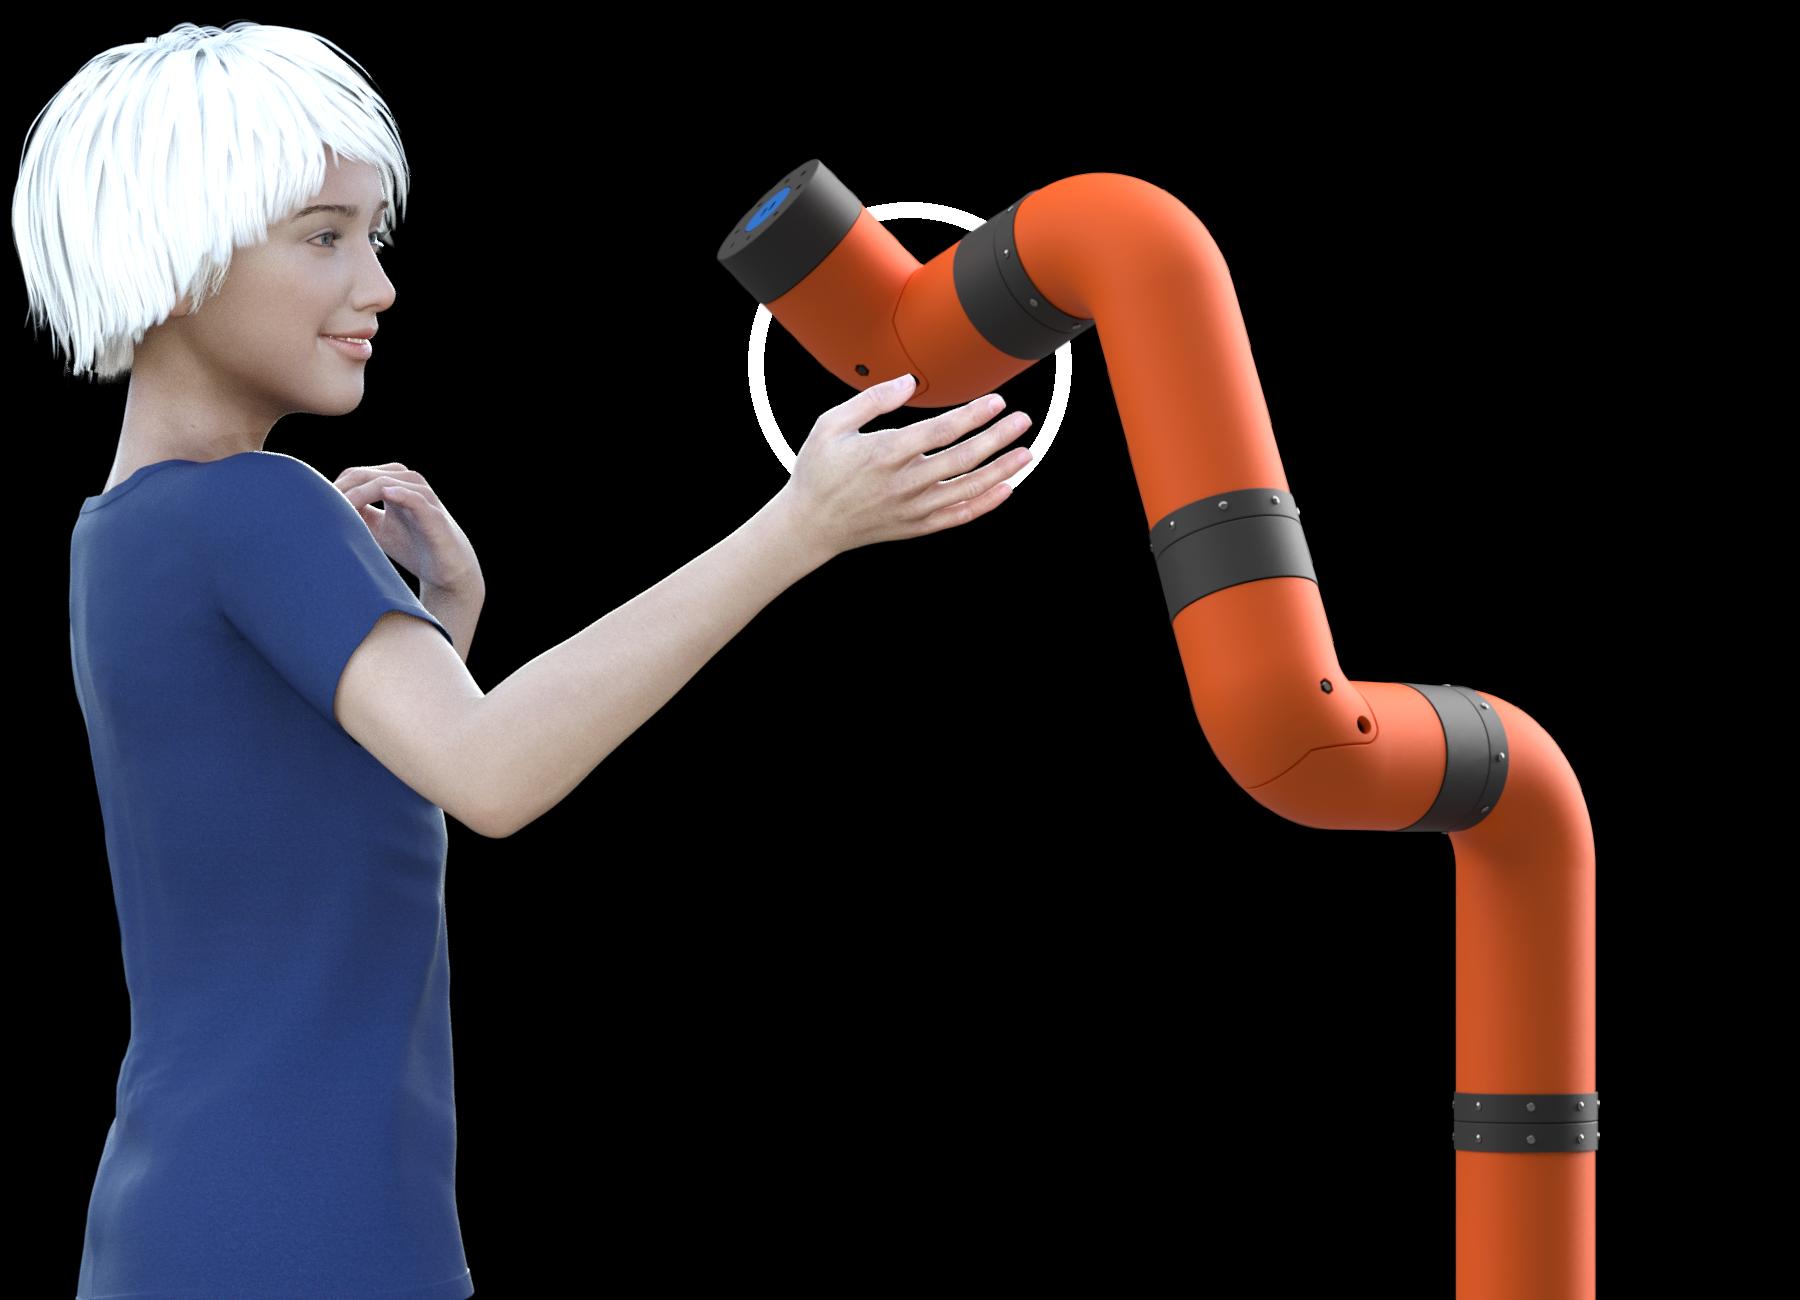 إيفا (عارضة افتراضية) تقوم بالاقتراب من ذراع الروبوت مـ 2